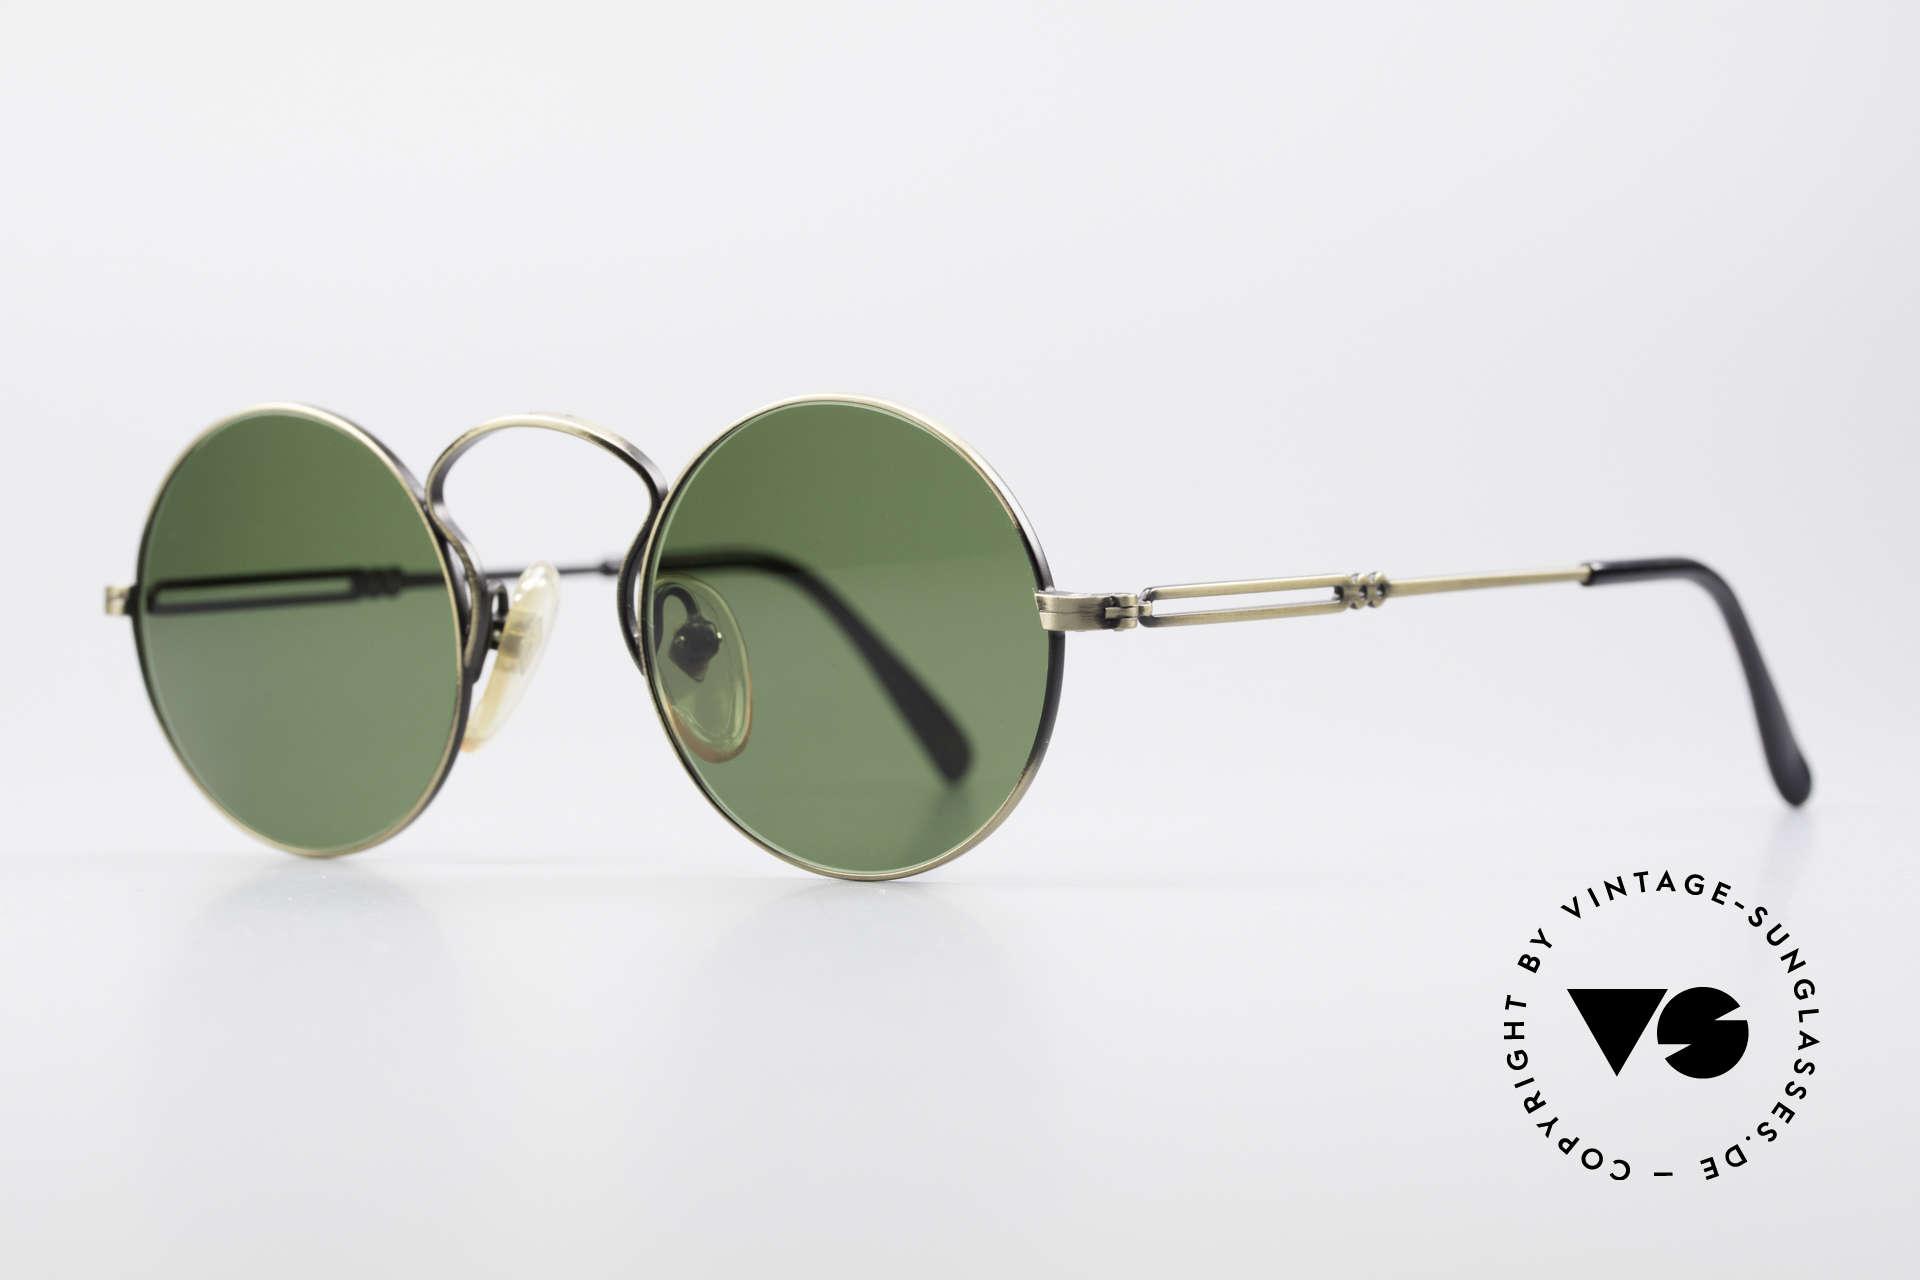 """Jean Paul Gaultier 55-0172 90er Designer Sonnenbrille, hochklassig gebürstete Oberfläche in """"Antik Gold"""", Passend für Herren und Damen"""